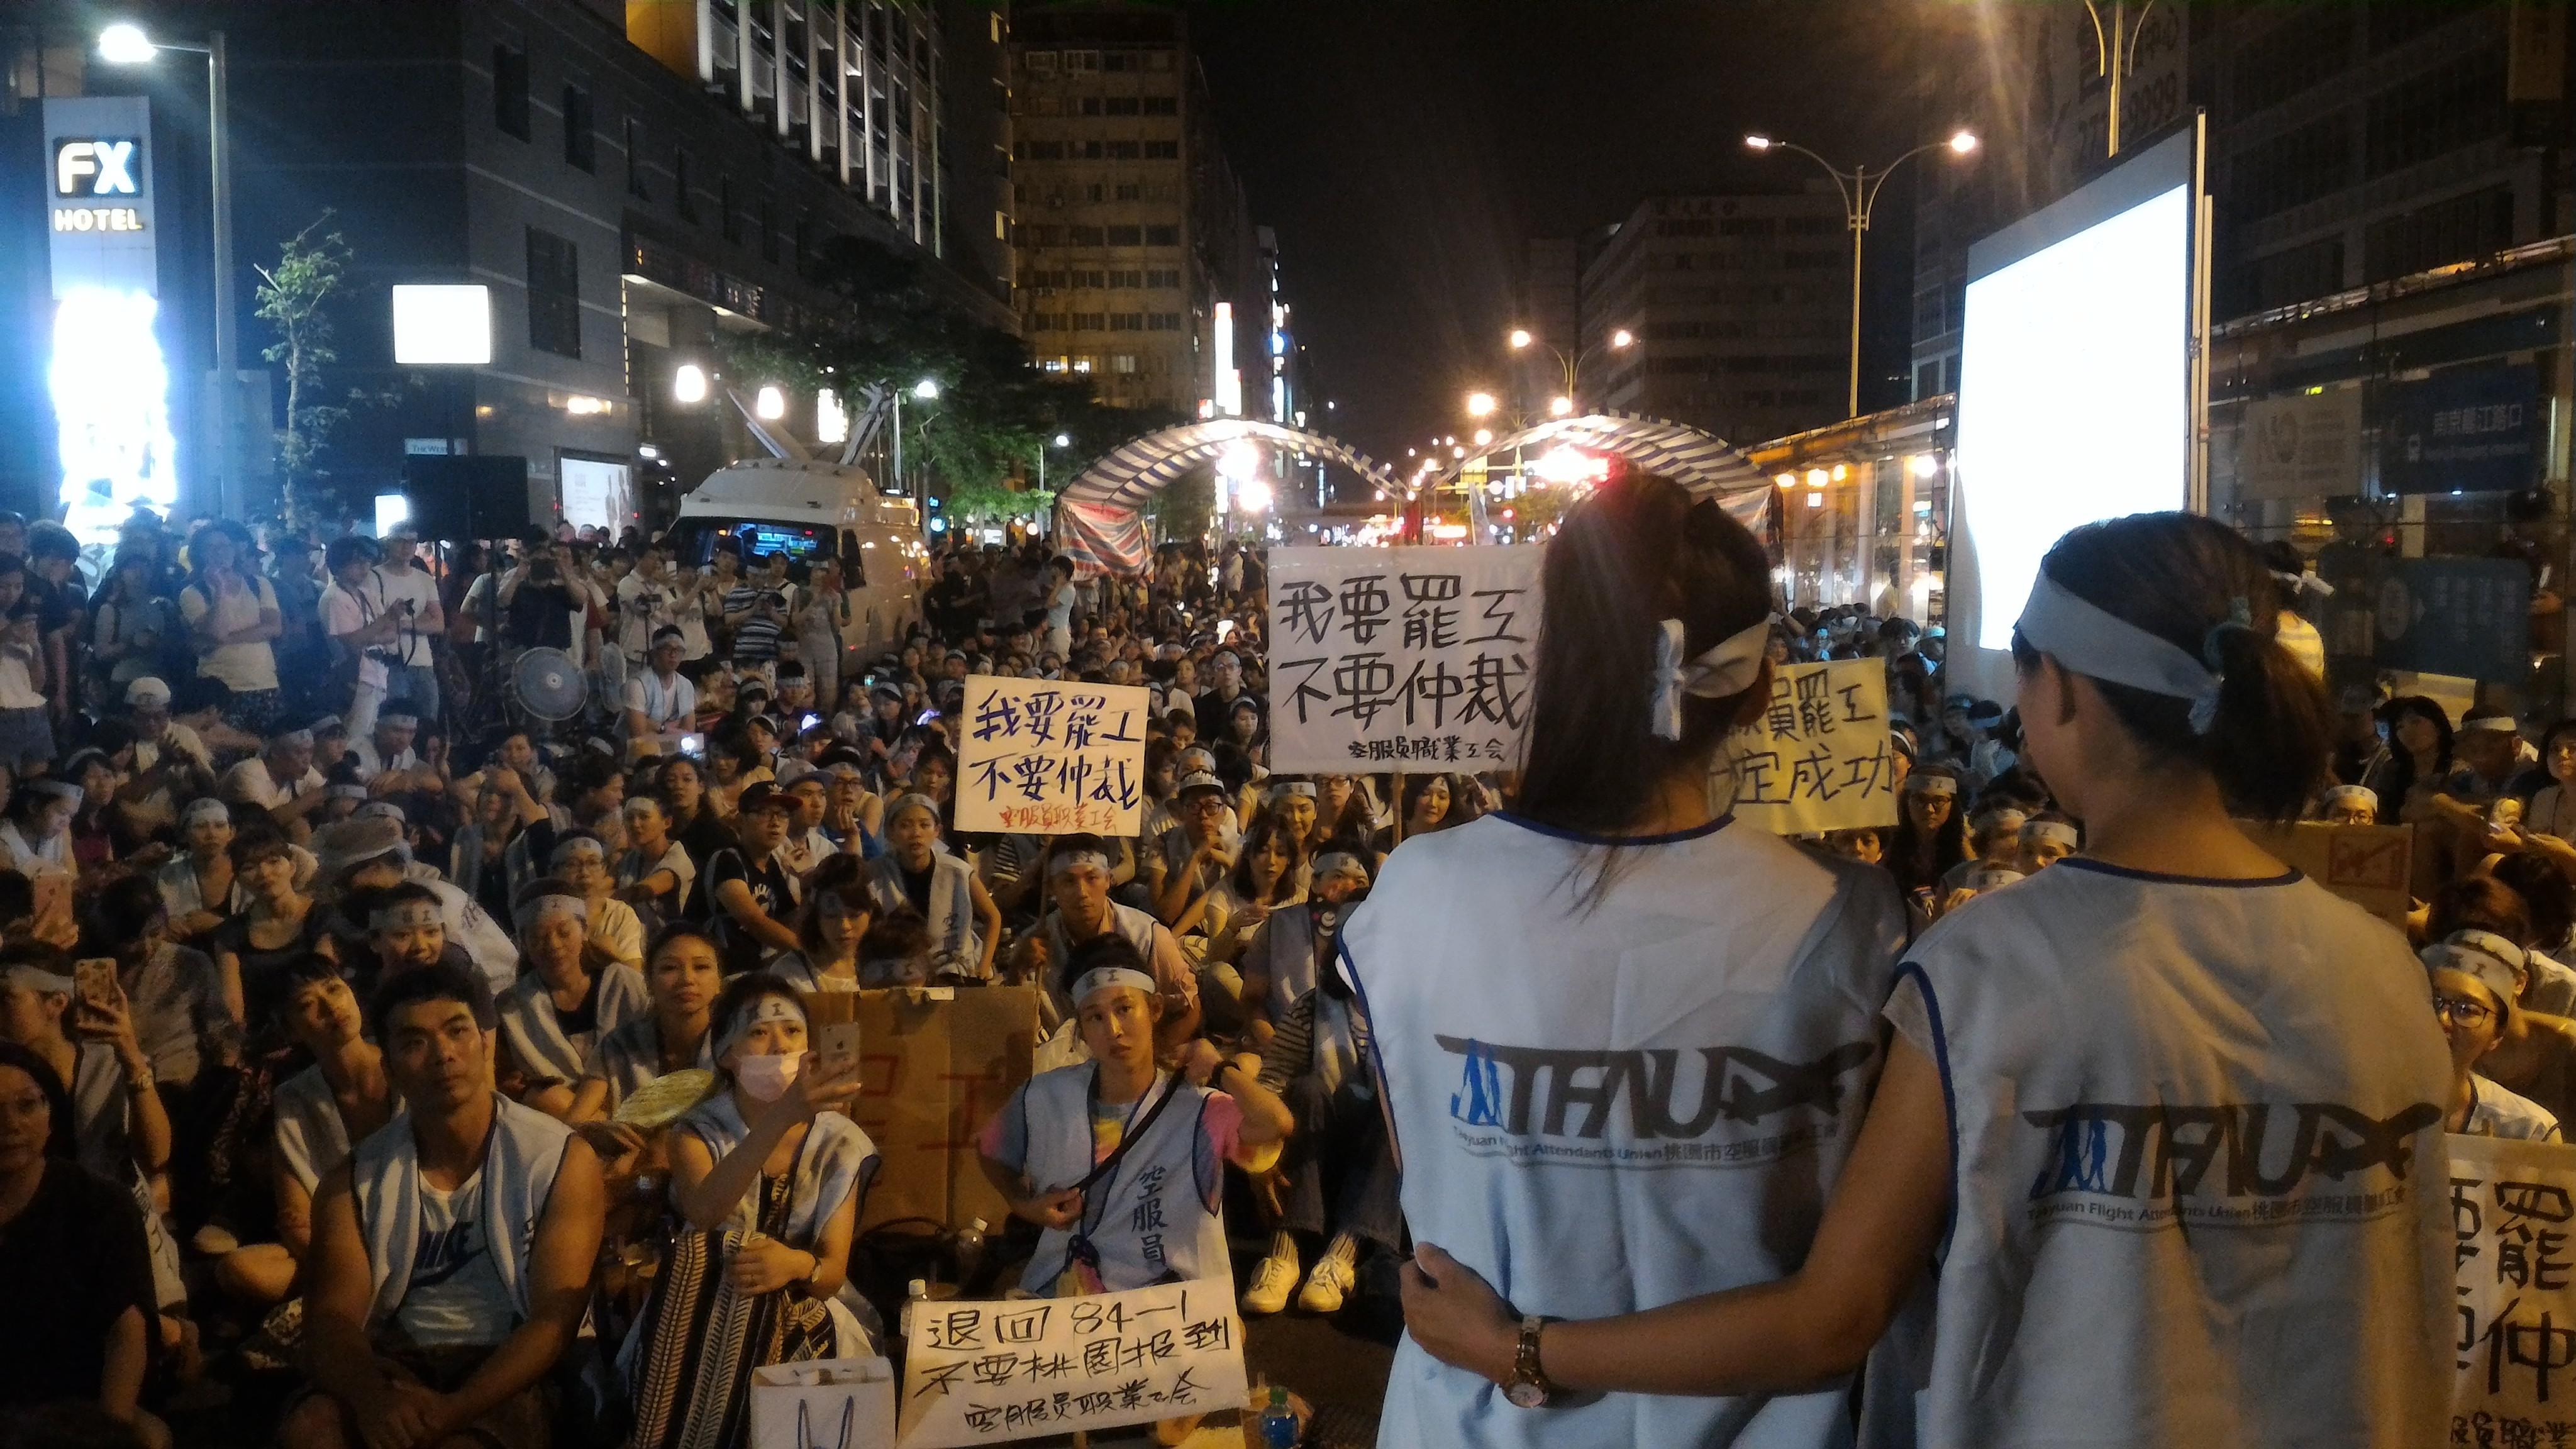 「華航罷工」的圖片搜尋結果